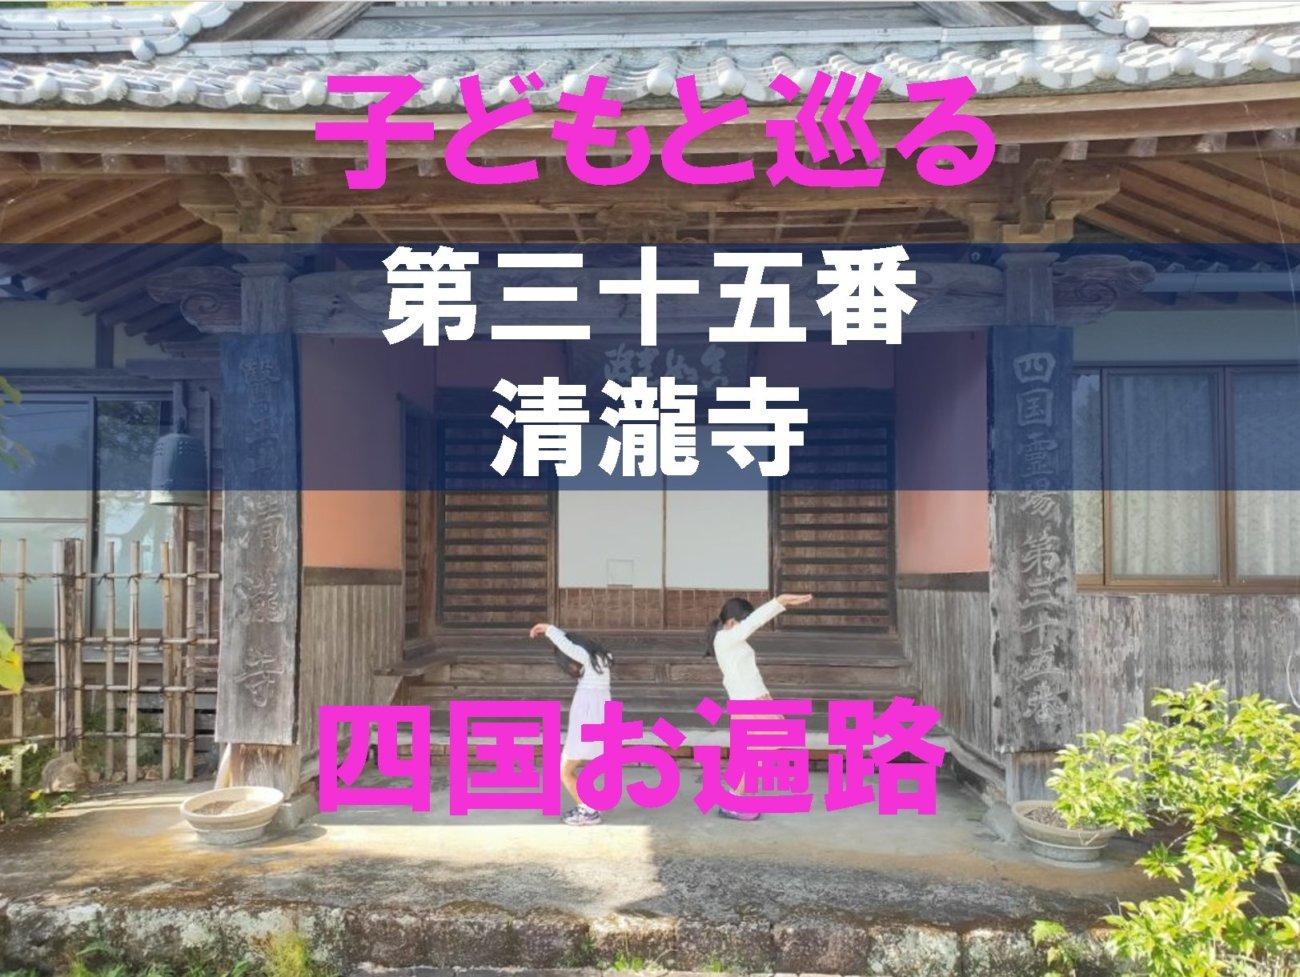 35番清瀧寺のアイキャッチ画像